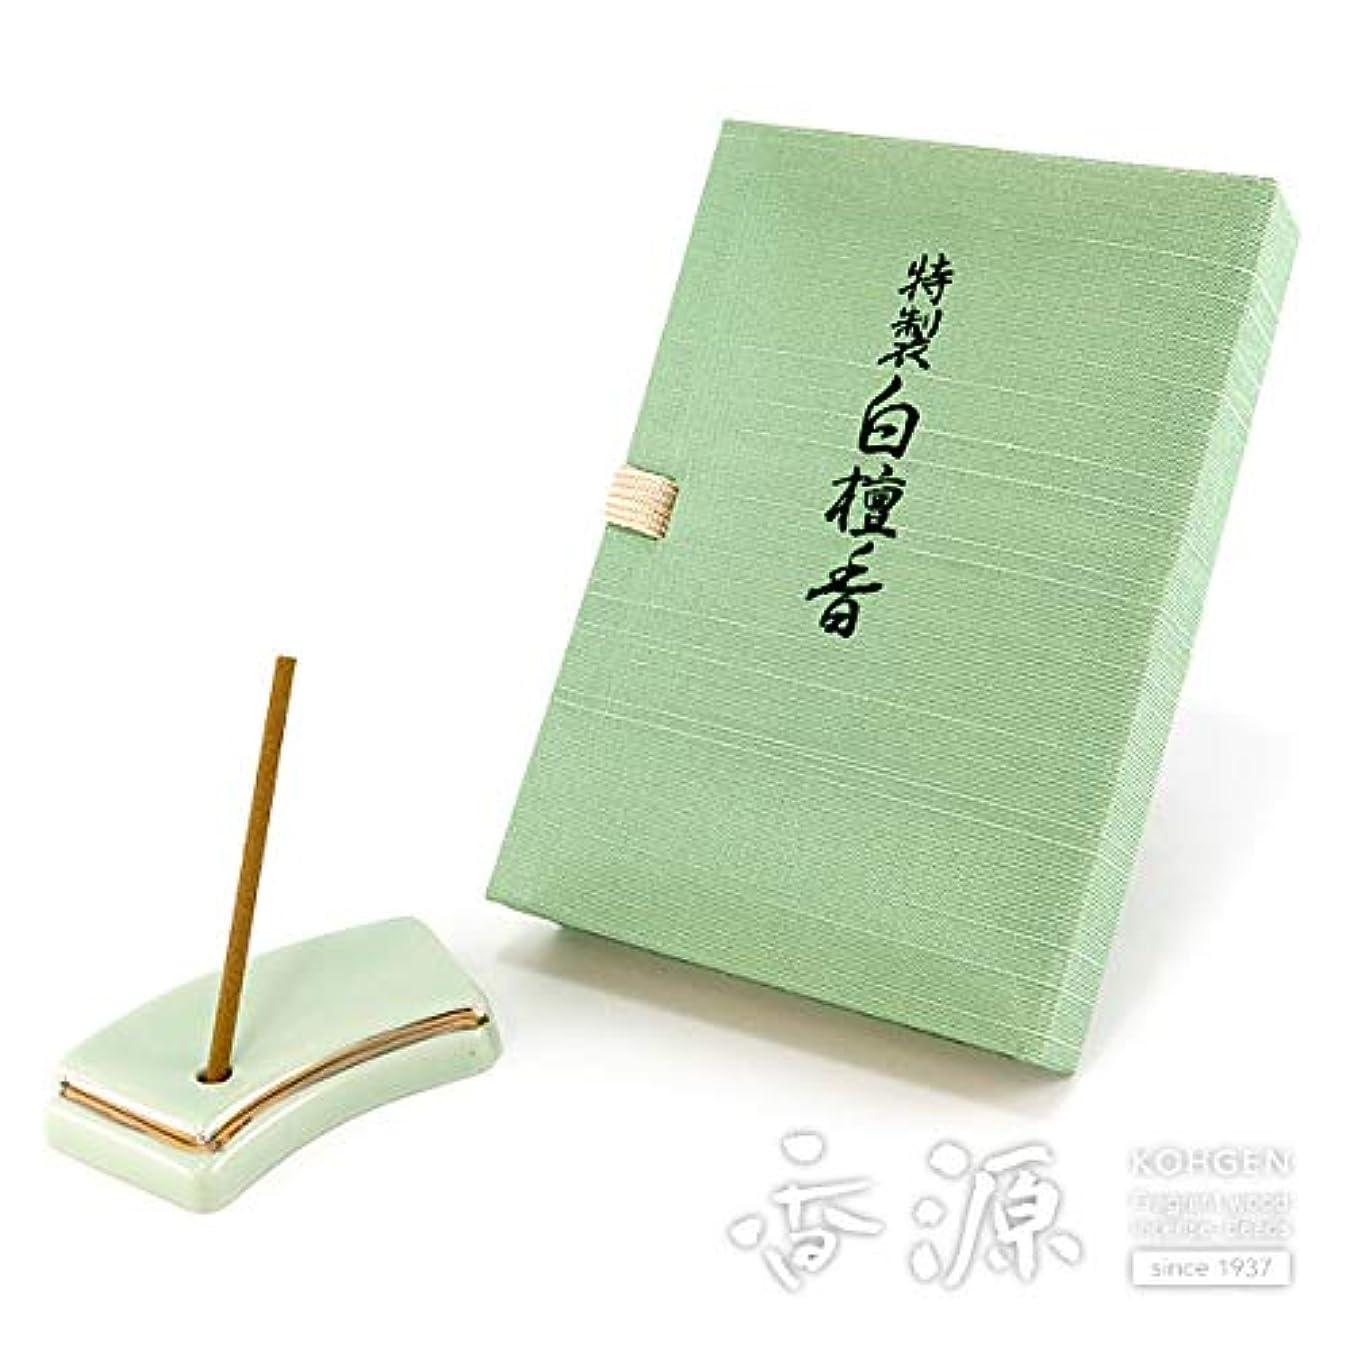 軍変える繁栄日本香堂のお香 特製白檀香 スティックミニ寸文庫型 60本入り